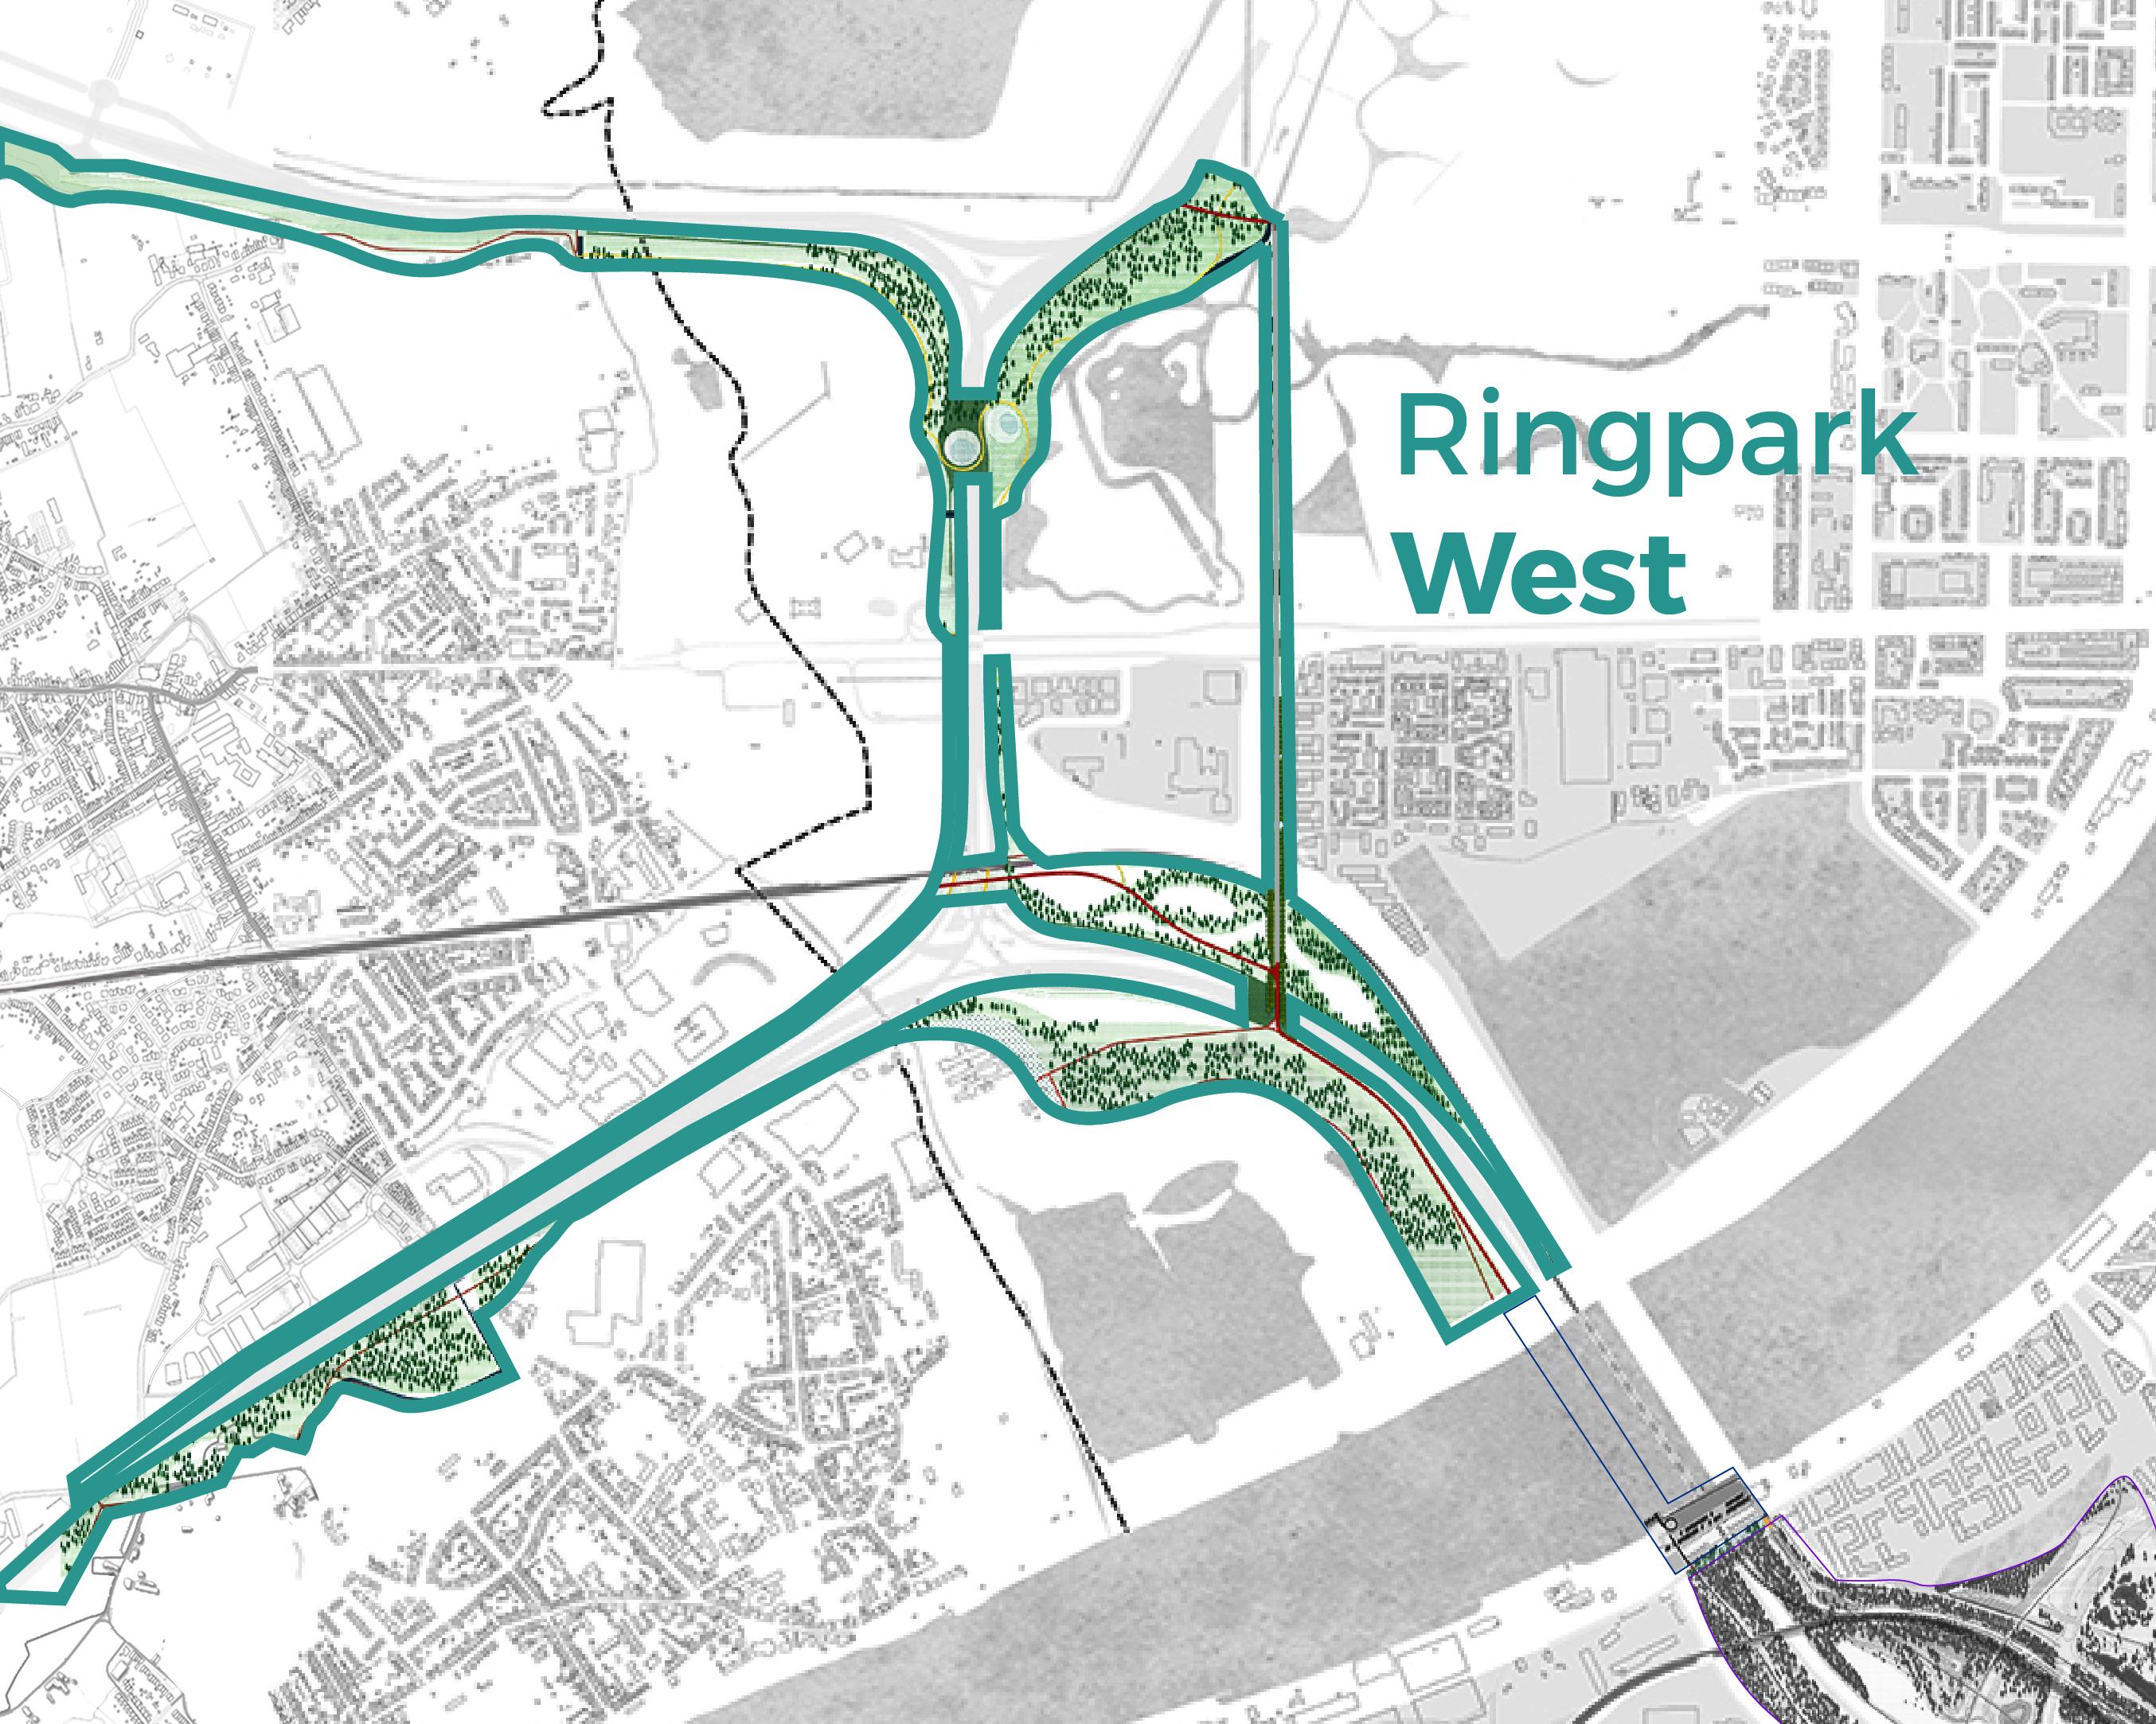 Ringpark West combineert de gekozen ringprojecten 'Stille Bermen Zwijndrecht en Linkeroever' en een gedeelte van 'Voltooien fietsnetwerk'